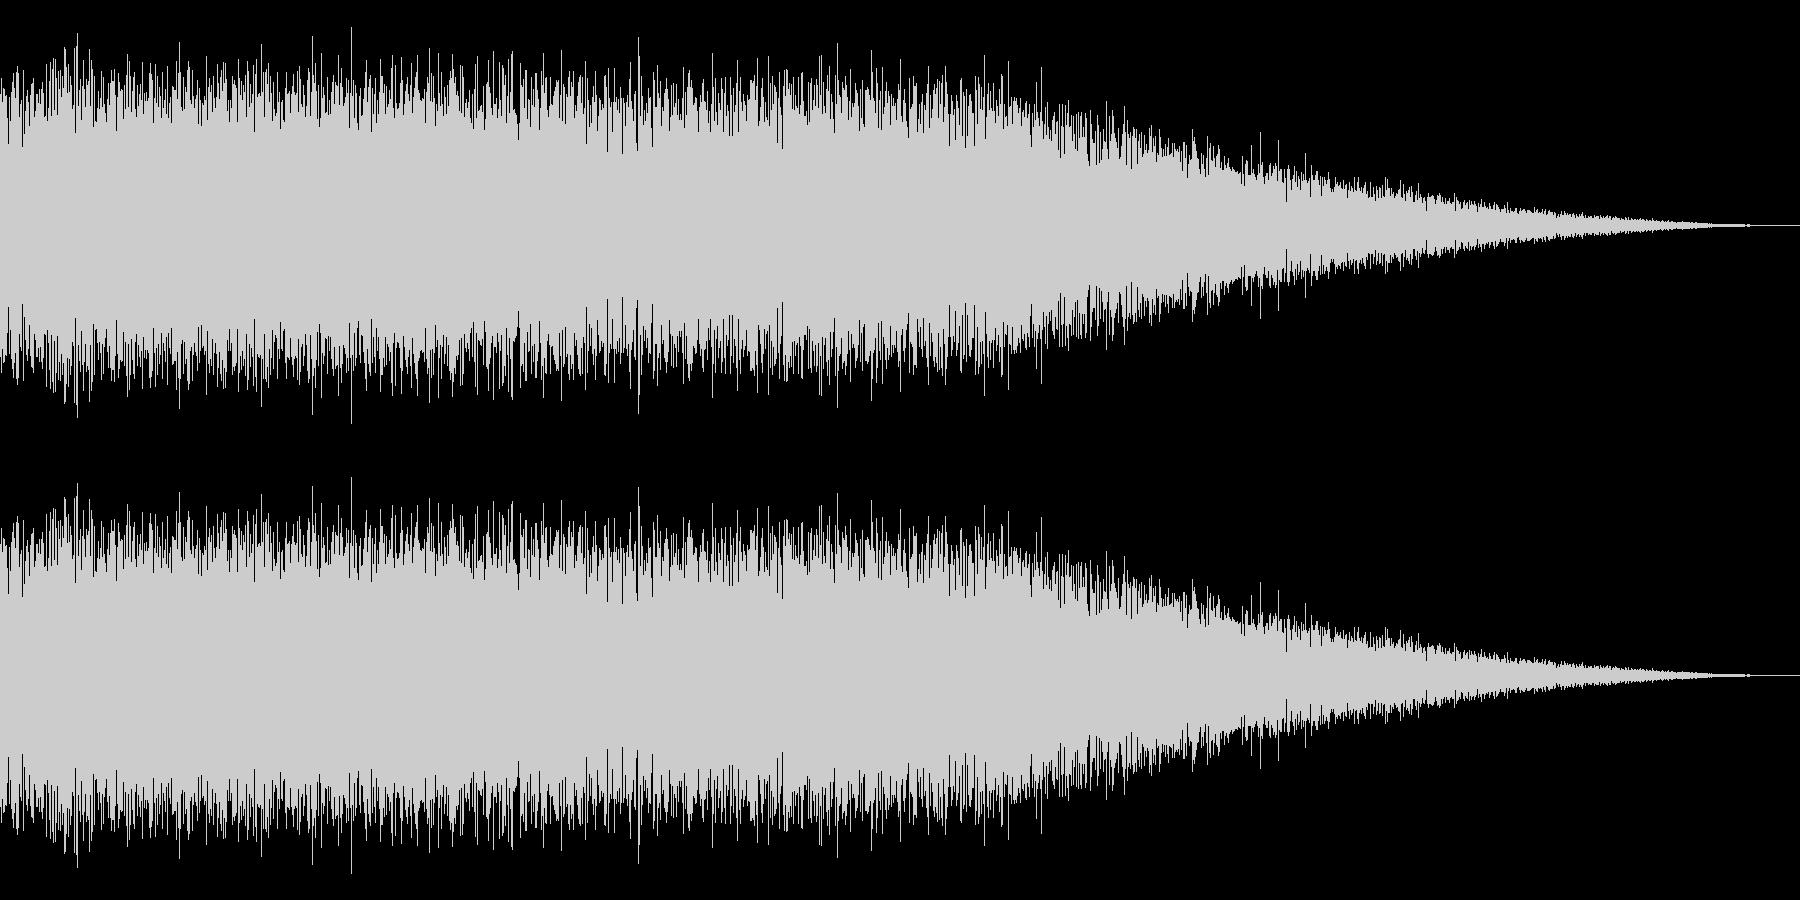 戦車の走行音/キャタピラの効果音!08の未再生の波形